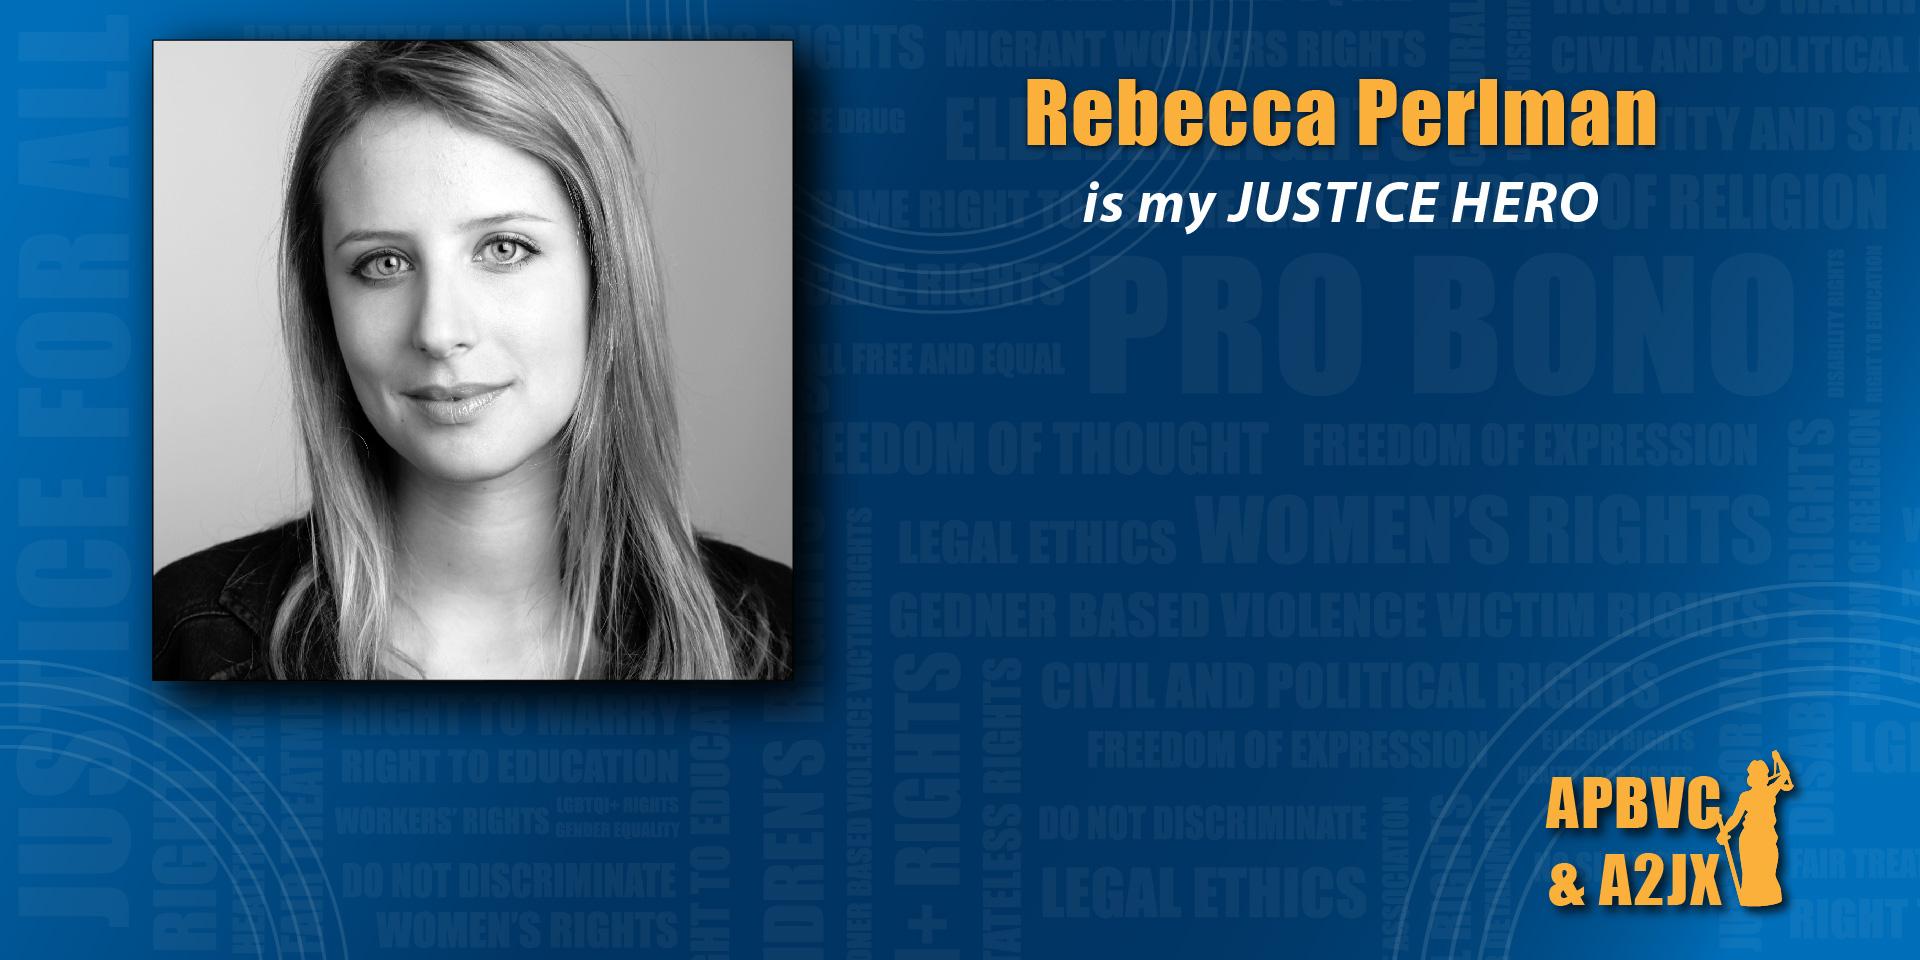 Rebecca Perlman